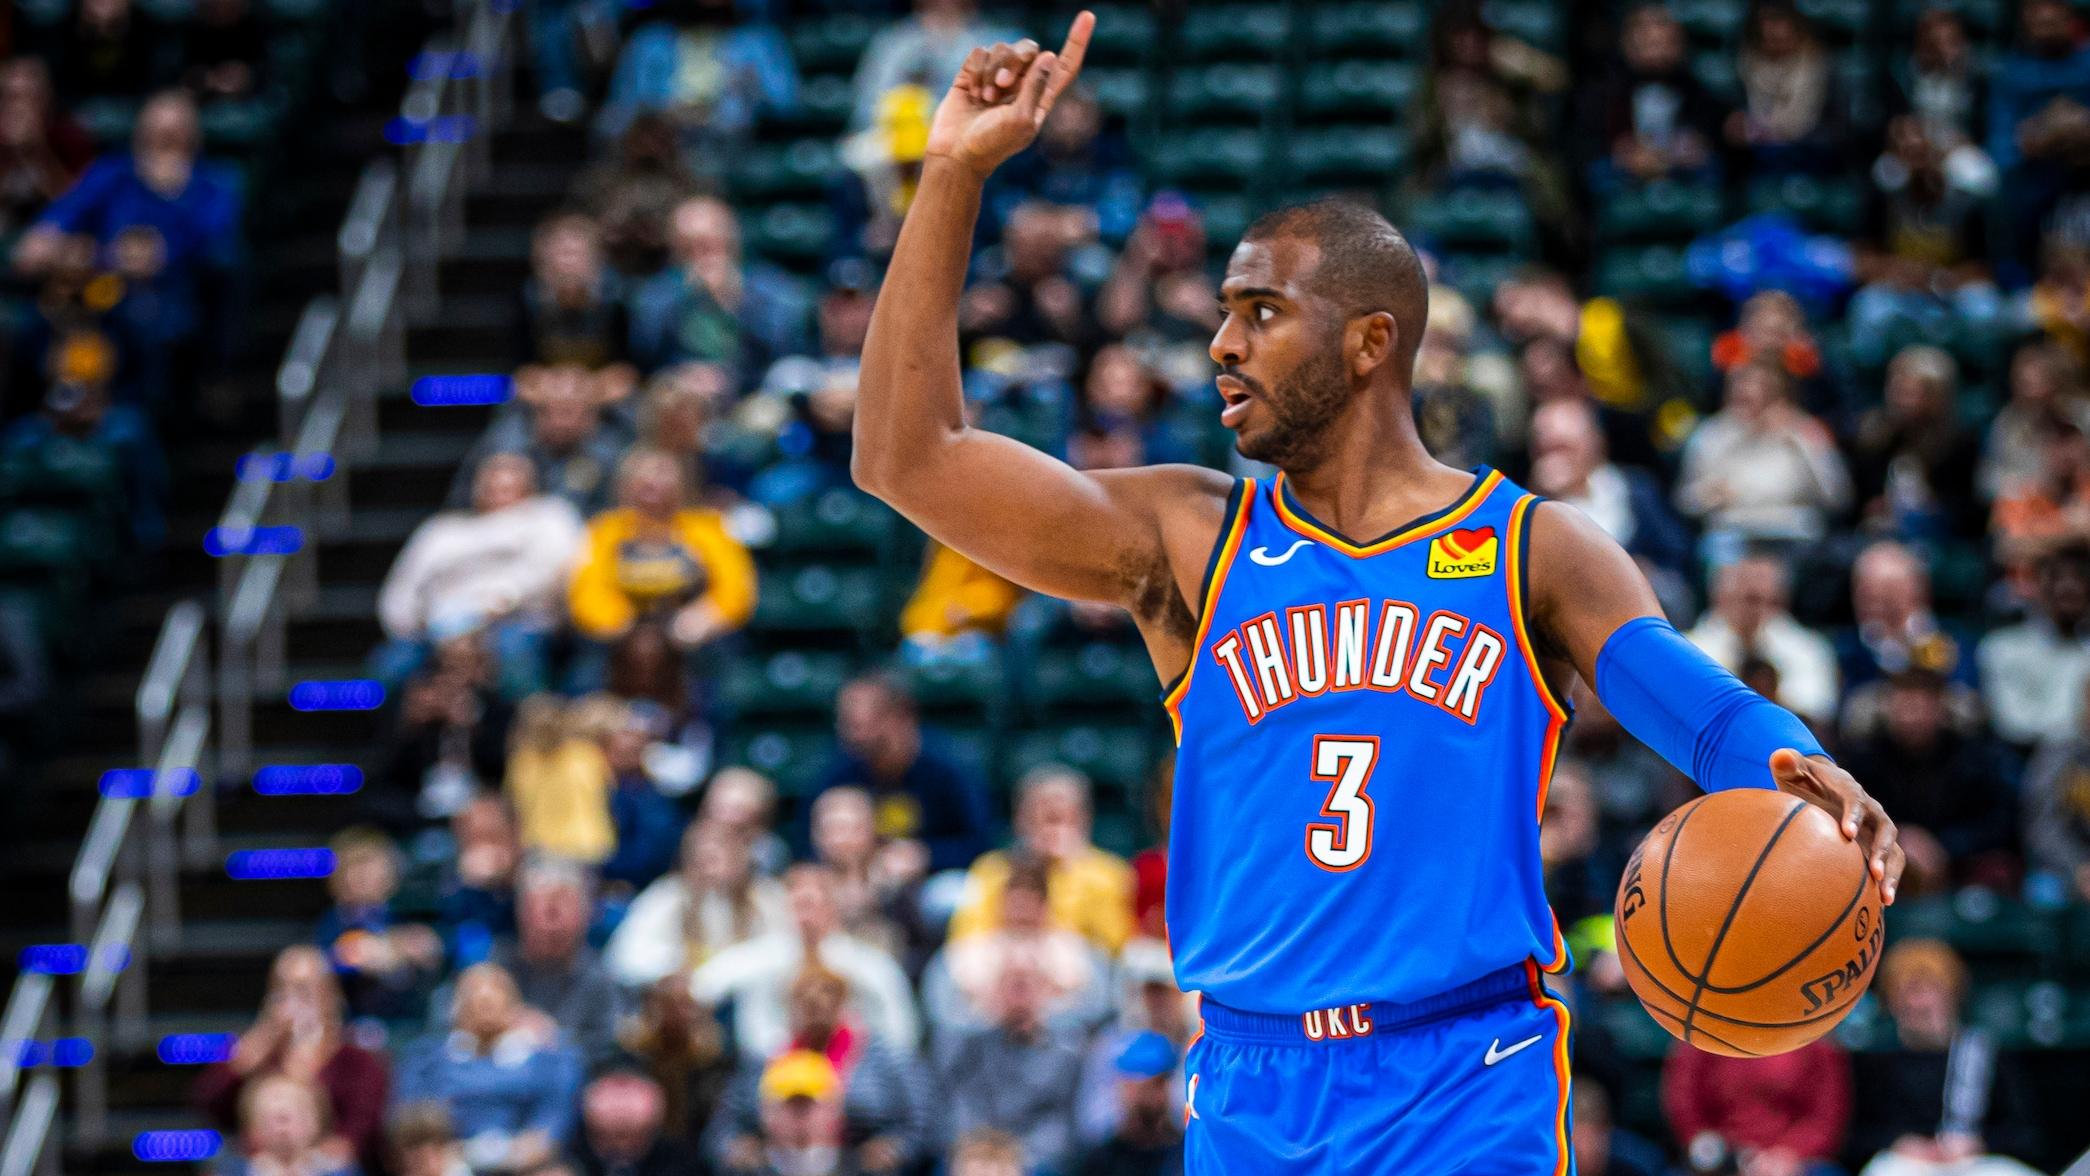 NBA最新一期实力榜:雄鹿再压湖人居榜首 雷霆杀进前十